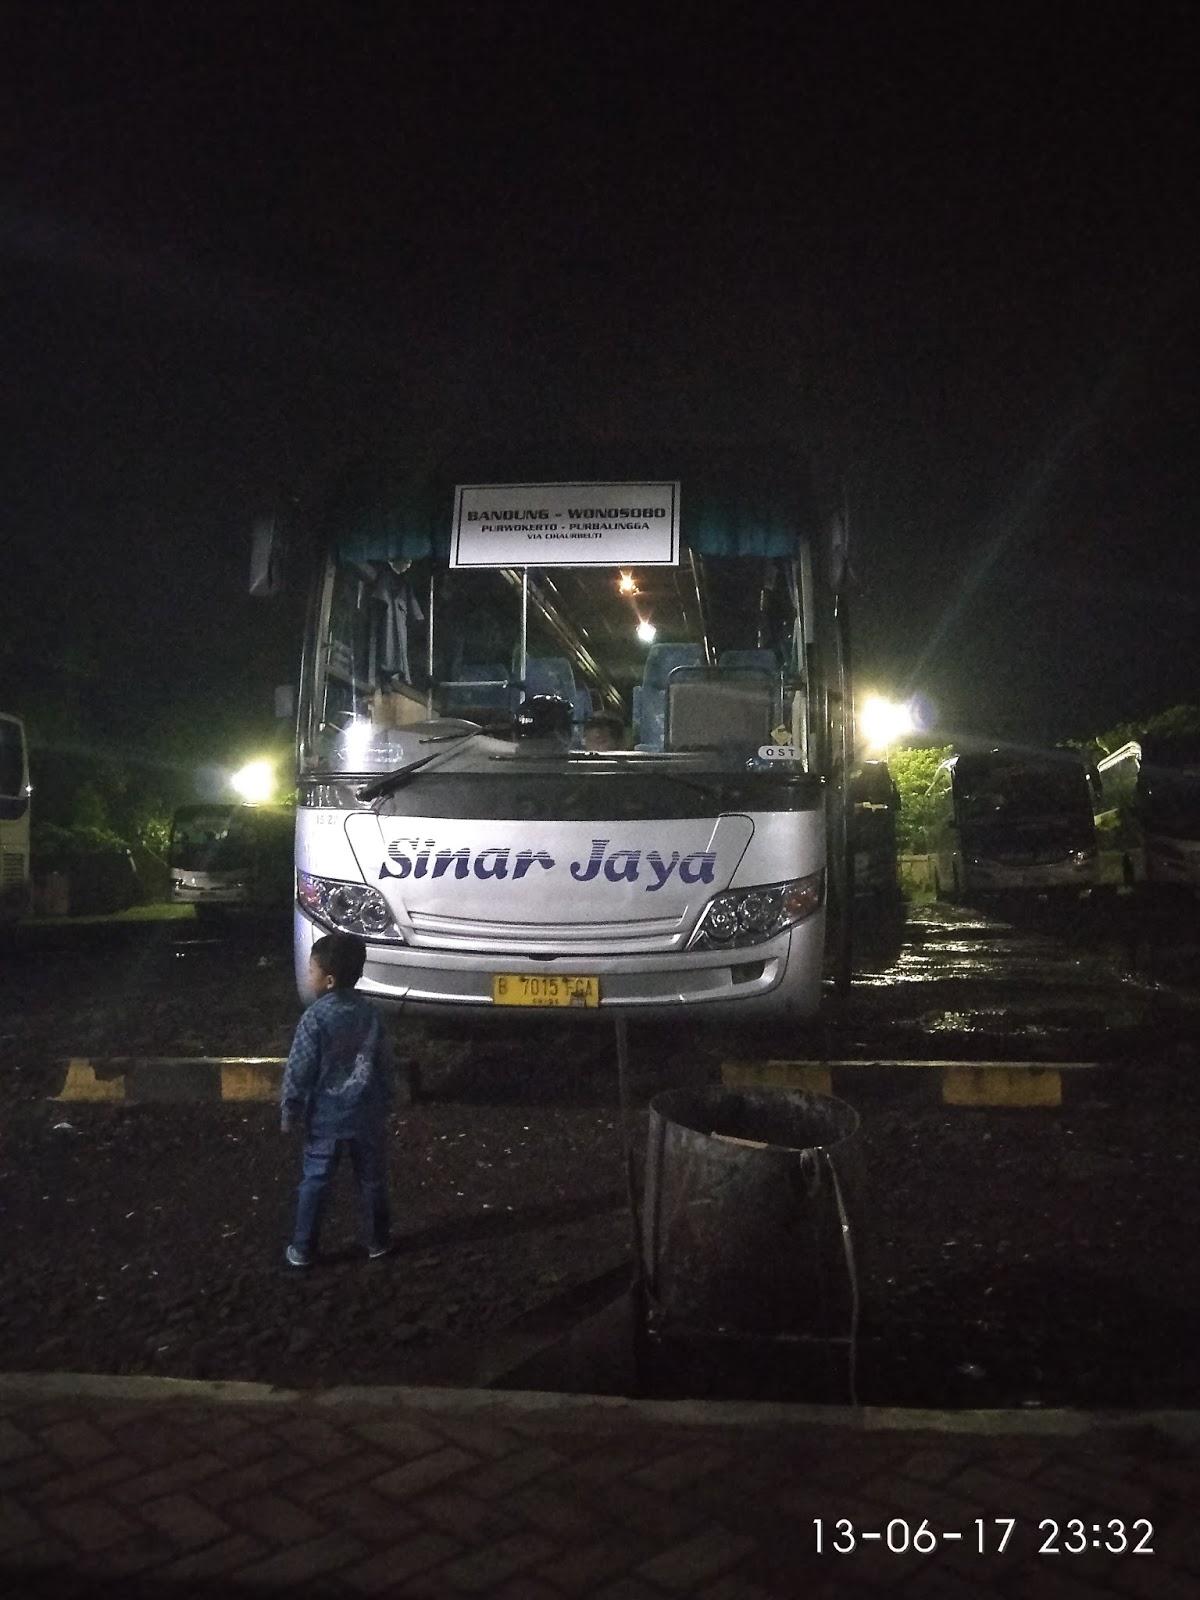 Bus Jakarta Wonosobo : jakarta, wonosobo, Menikmati, Perjalanan, Bandung, Wonosobo, Jejak, Langkah, Prince